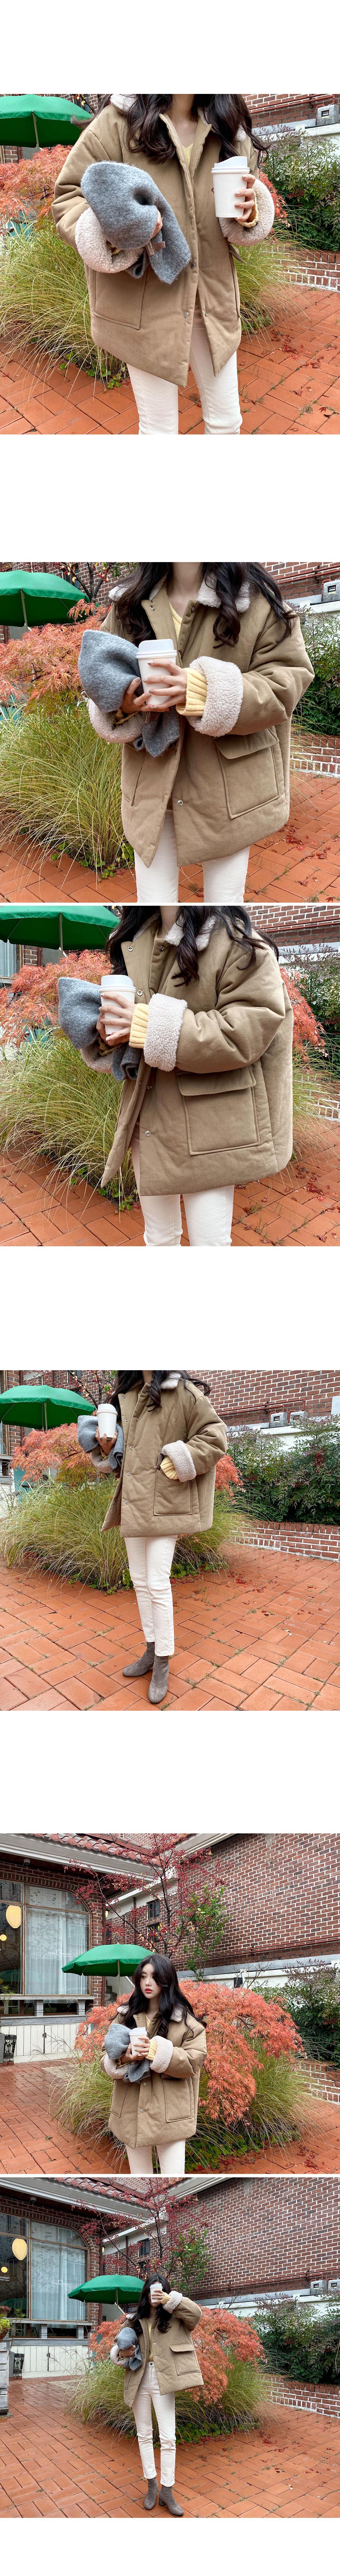 First fleece collar cotton short padding-beige